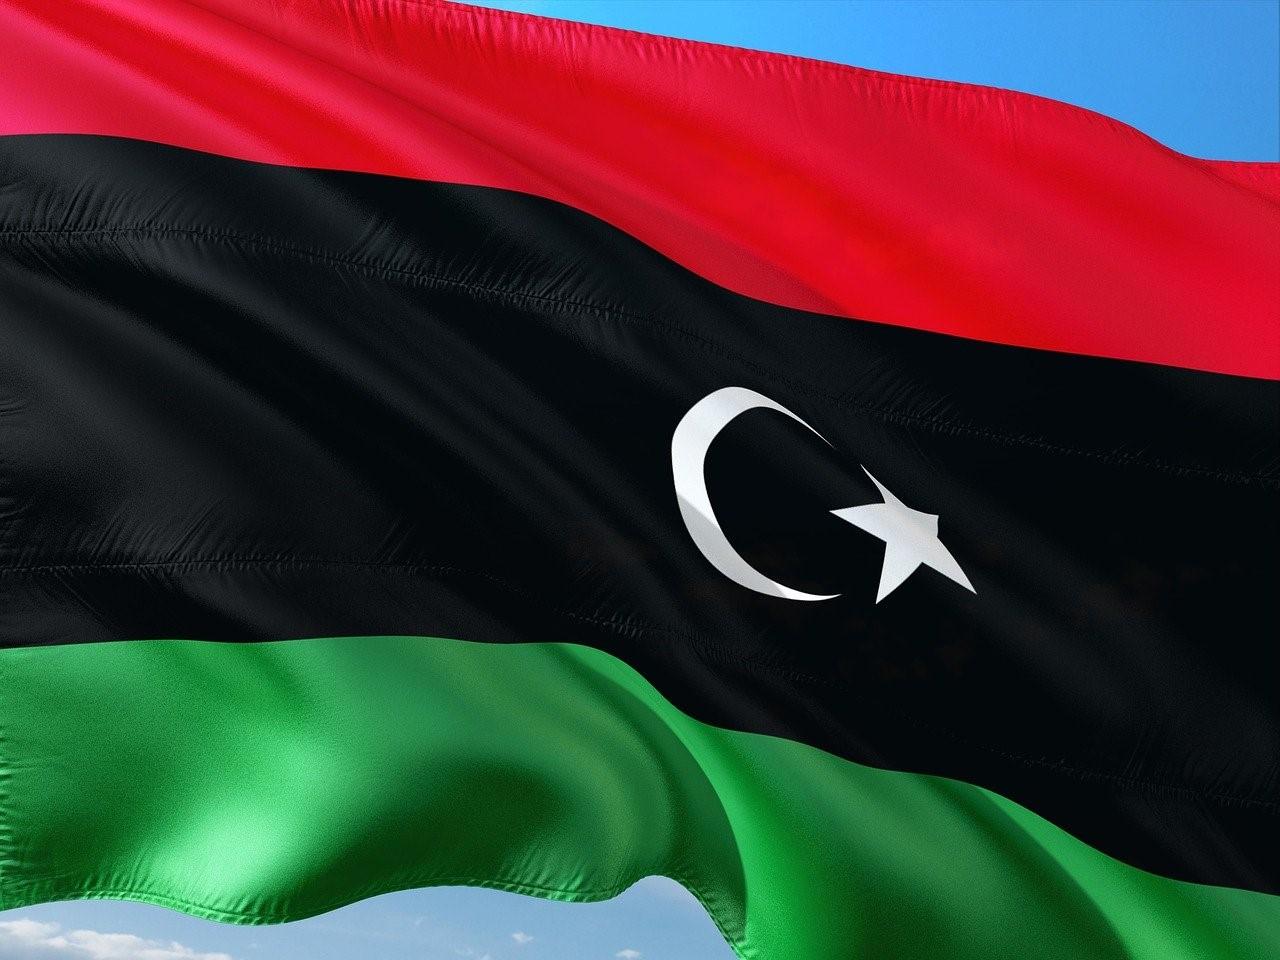 Que savez-vous de la Libye et de son économie?